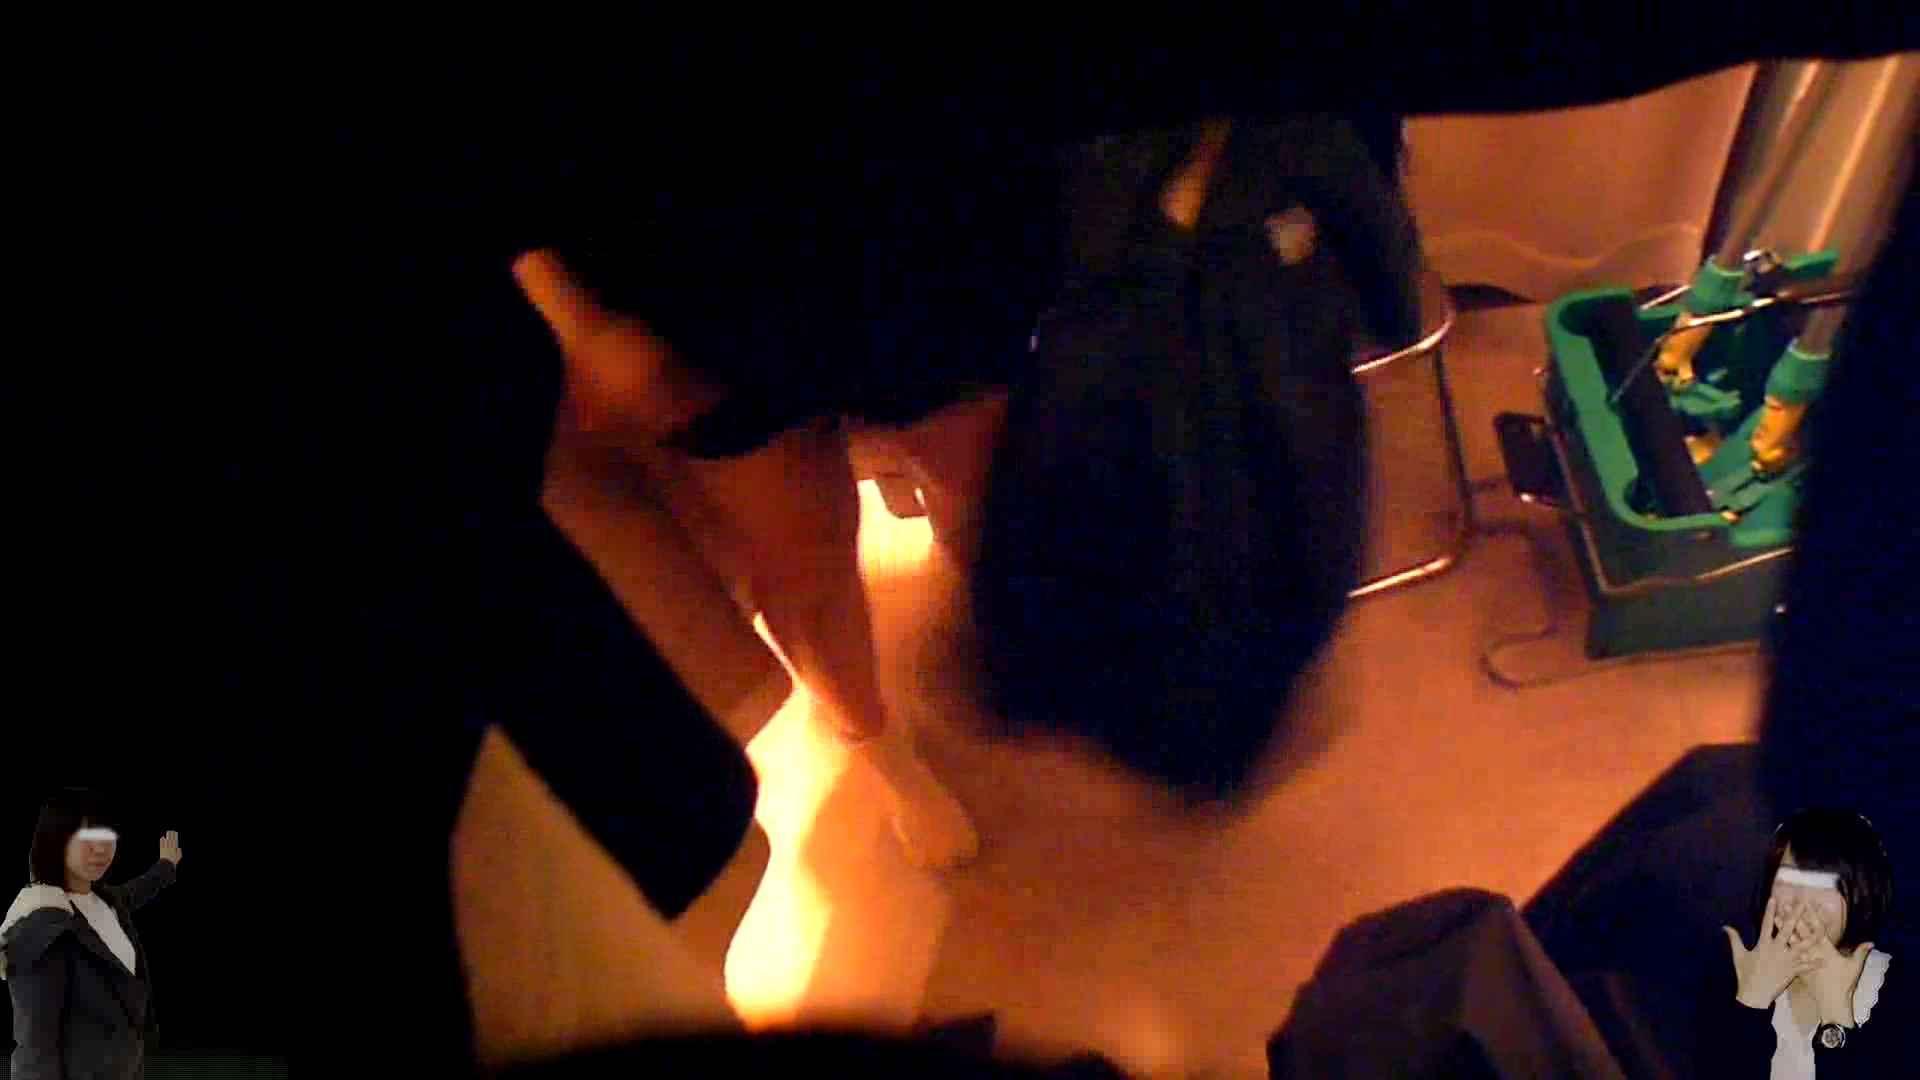 素人投稿 現役「JD」Eちゃんの着替え Vol.04 素人丸裸 おまんこ無修正動画無料 107pic 106